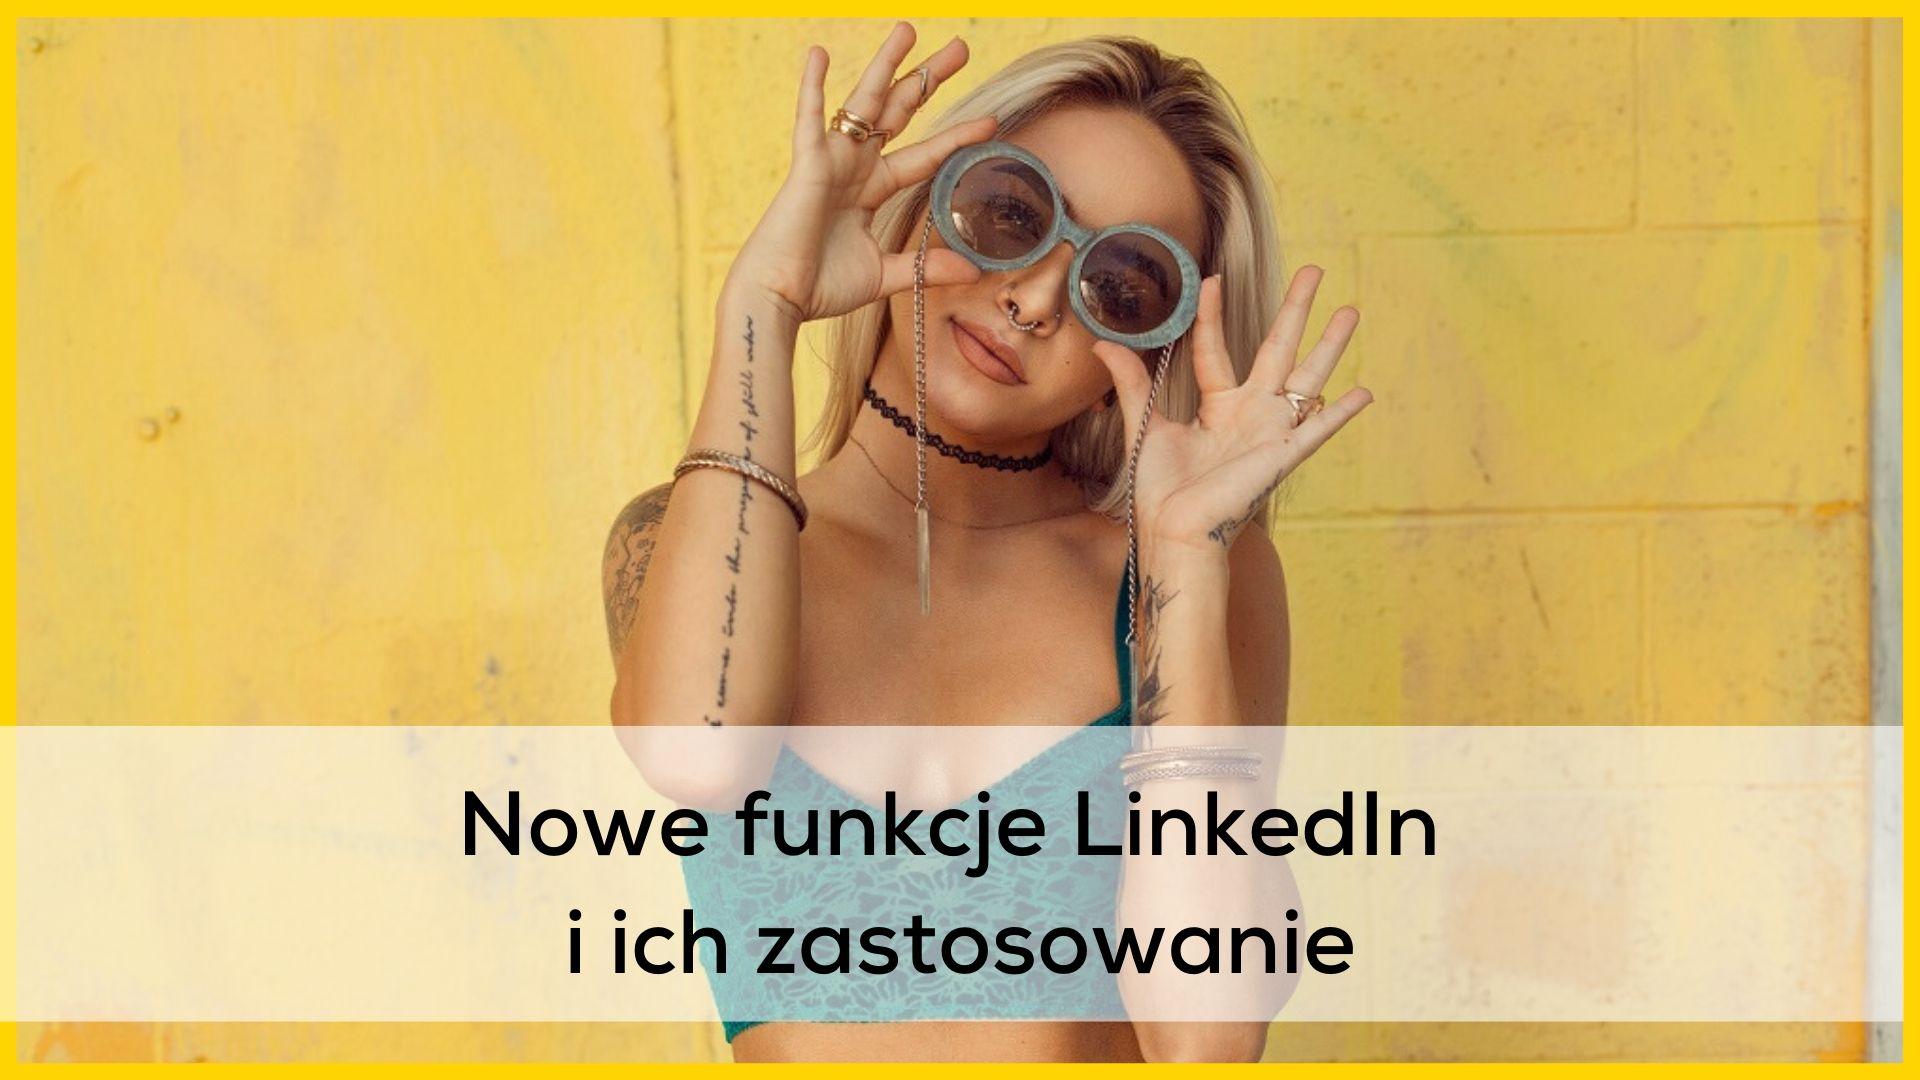 nowe funkcje Linkedin / wyszukiwanie na LinkedIn / sourcing na LinkedIn / Linkedin events